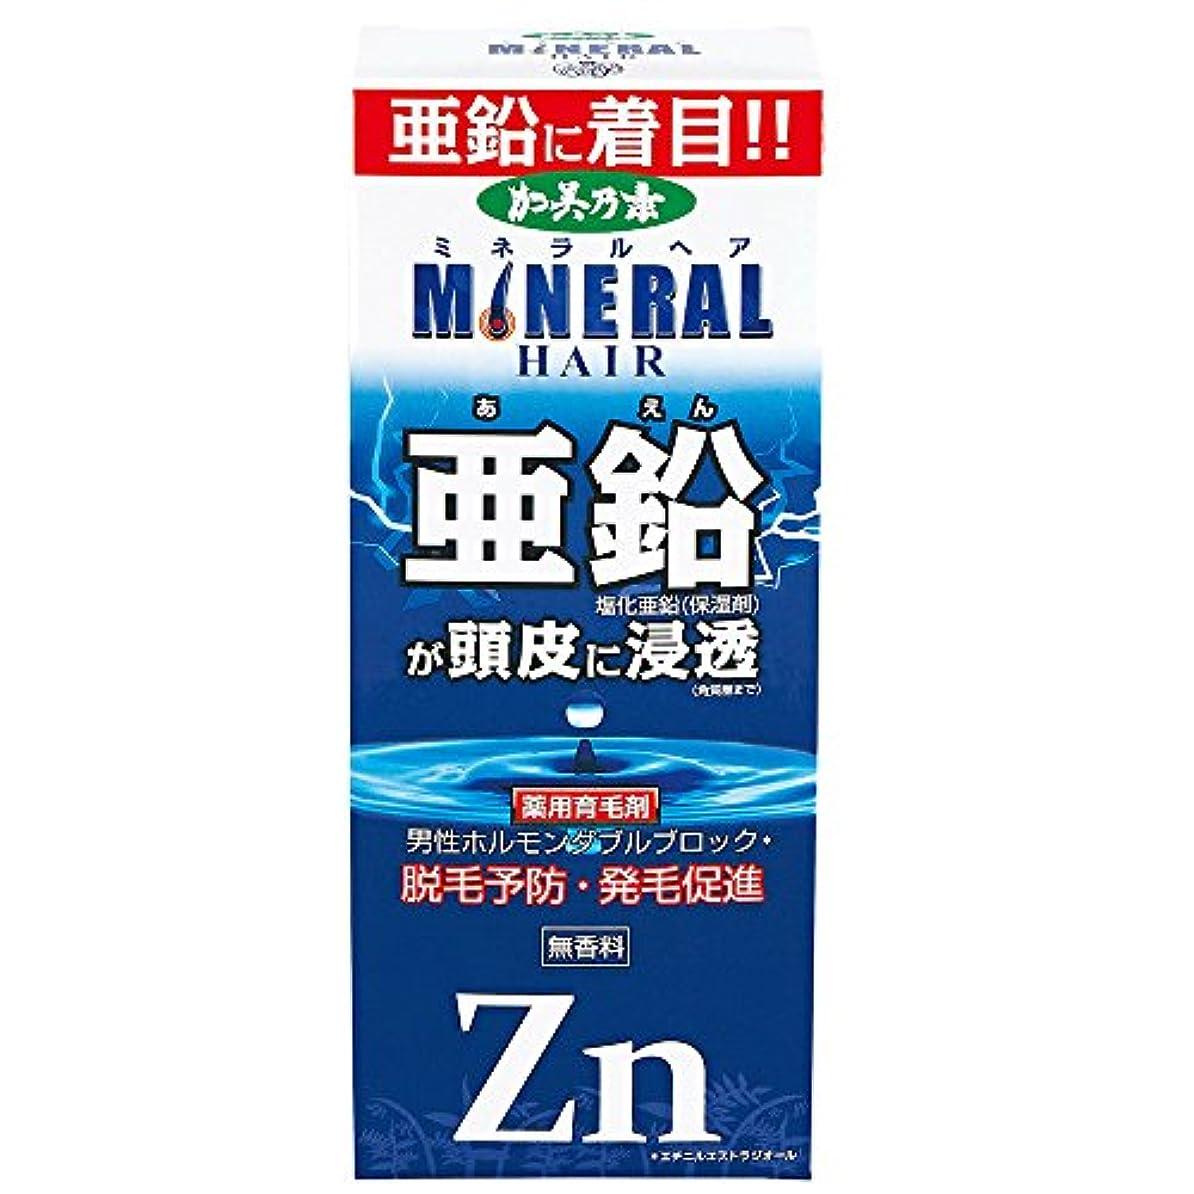 グループチキン平野薬用加美乃素 ミネラルヘア 育毛剤 180mL (医薬部外品)